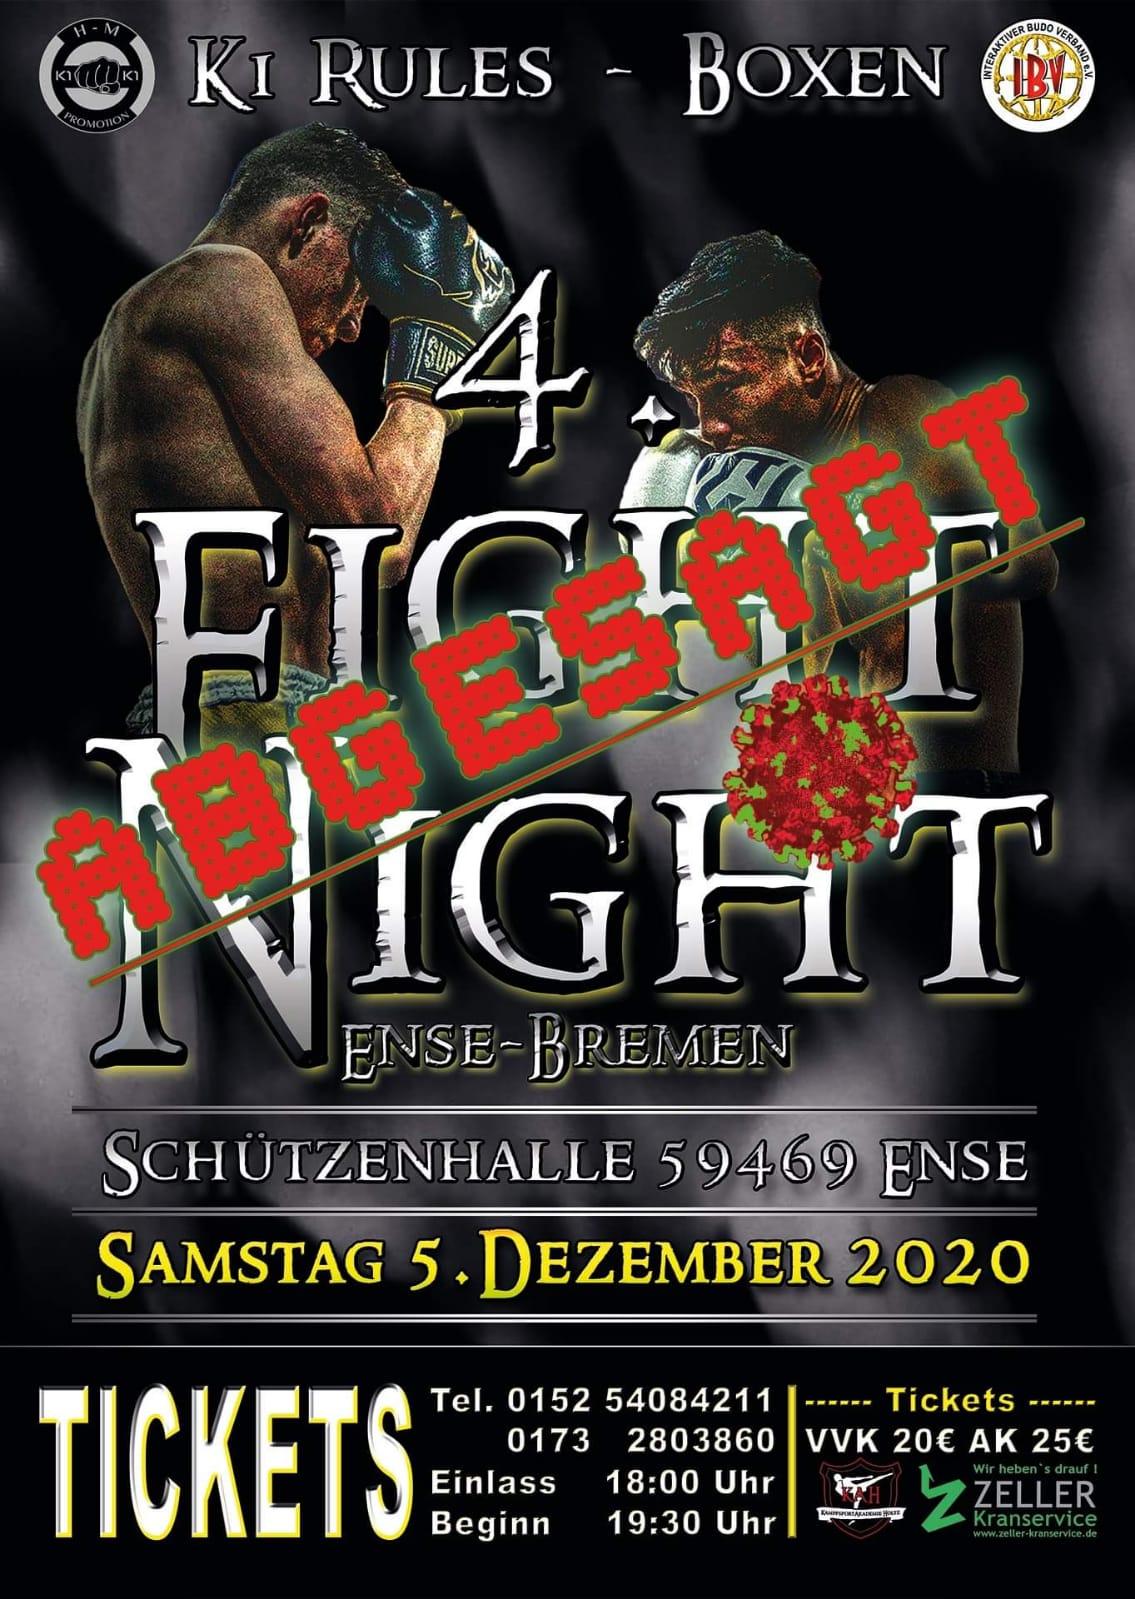 4te Fight Night in Ense im Dezember 2020 wegen Corona abgesagt